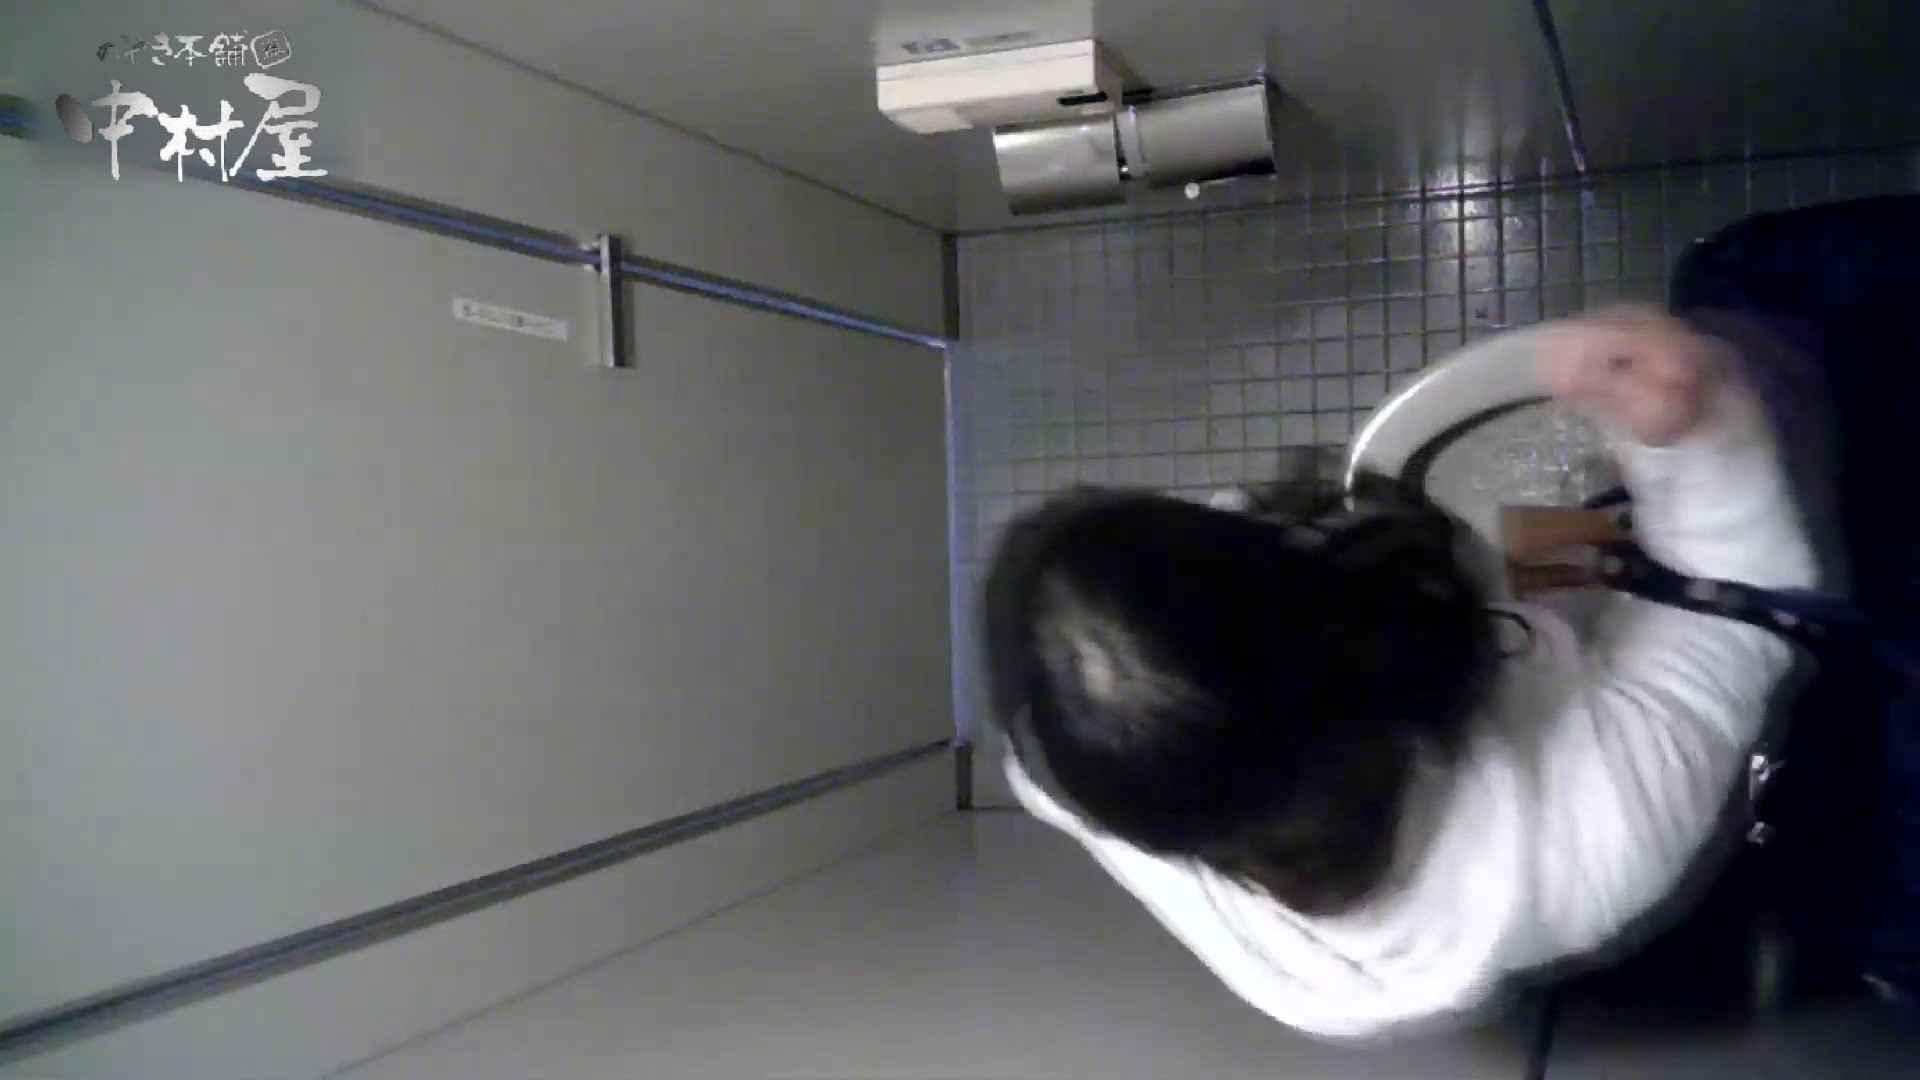 有名大学女性洗面所 vol.58 アンダーヘアーも冬支度? 洗面所 盗撮動画紹介 91画像 13